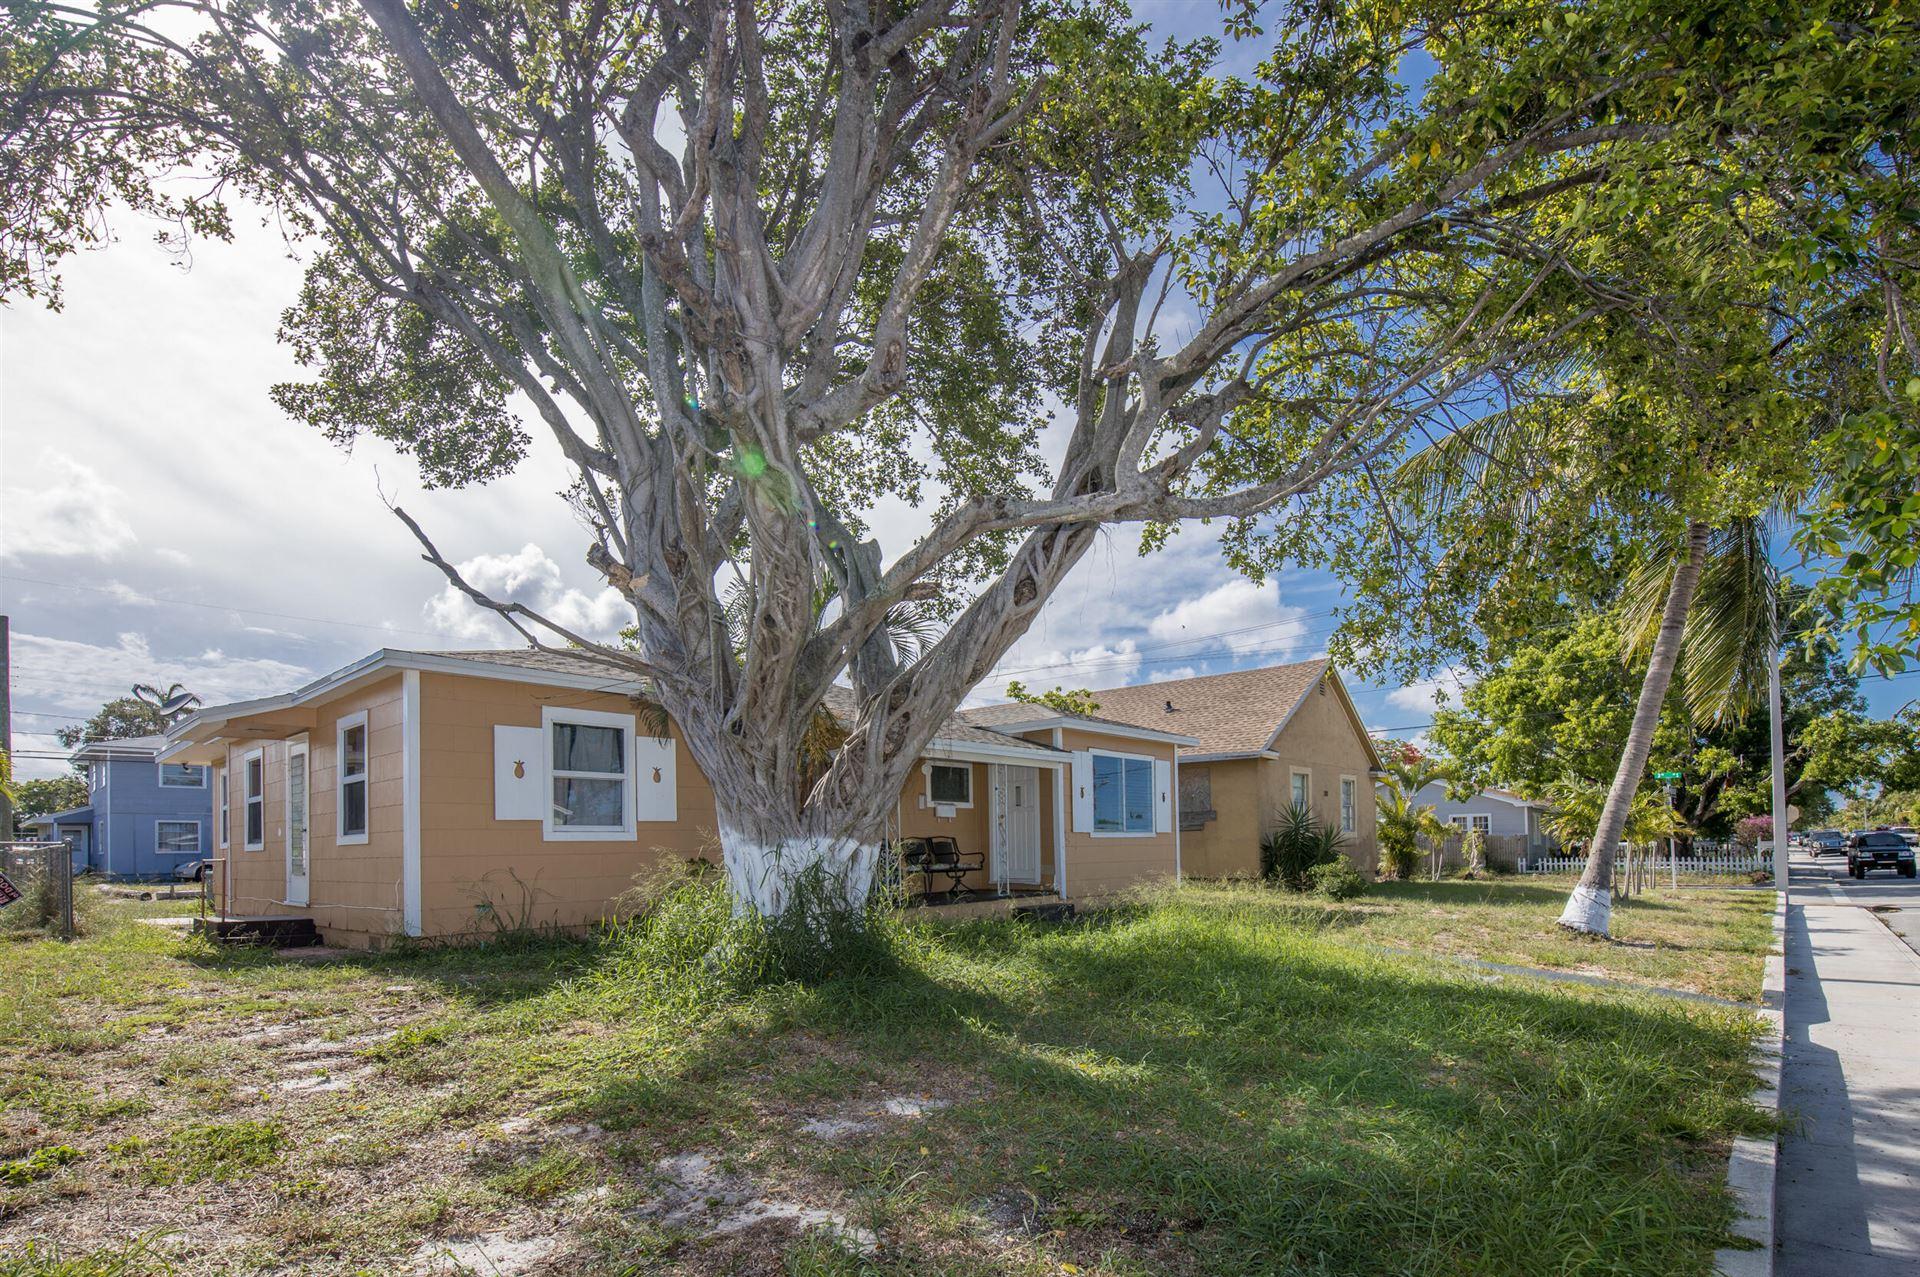 305 S C Street, Lake Worth, FL 33460 - MLS#: RX-10723190